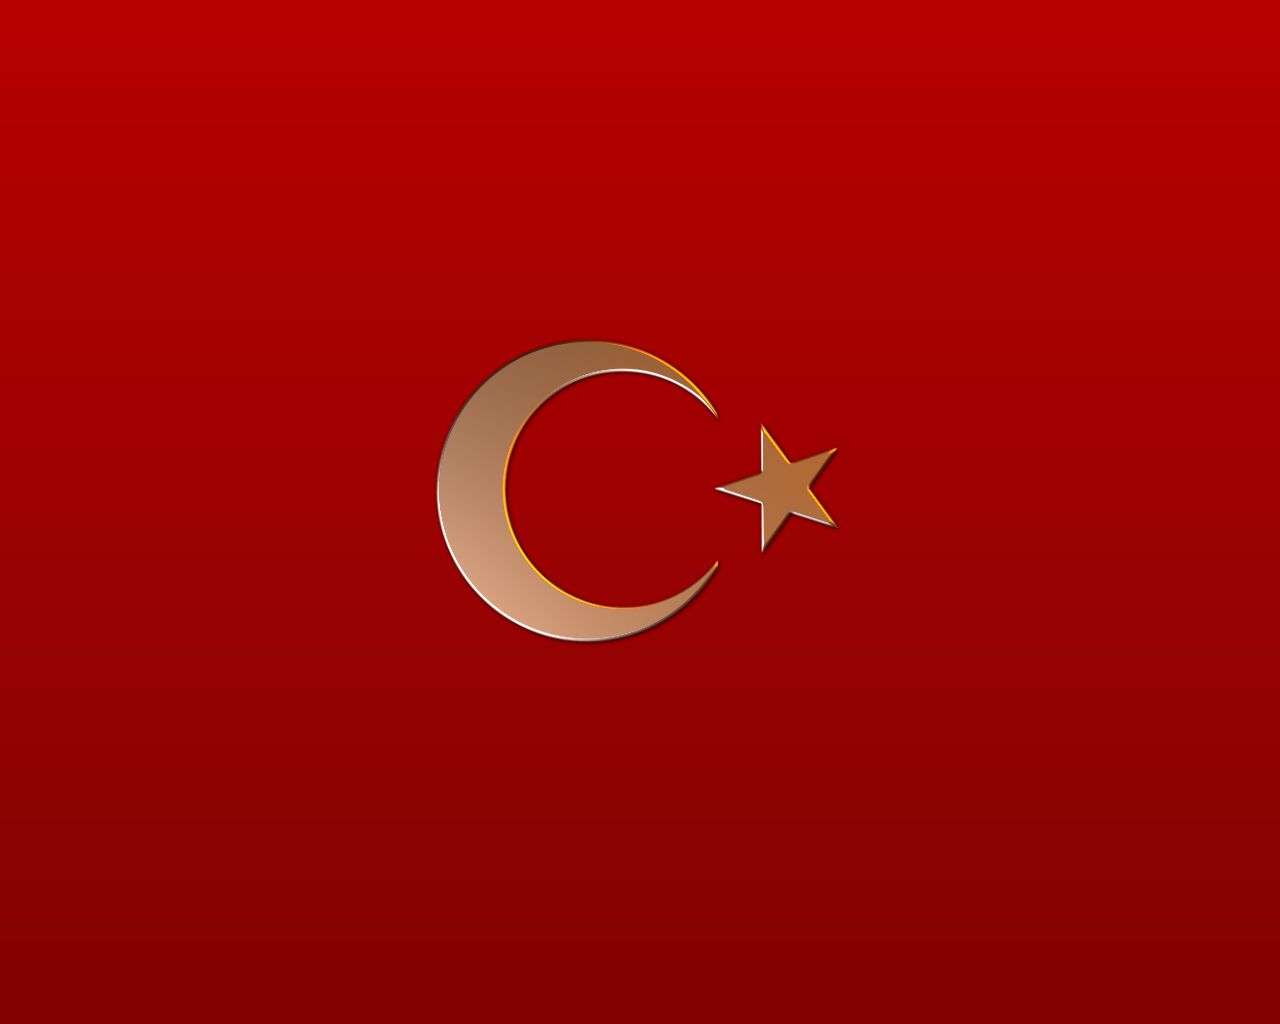 Bayrakçı Esenşehir Mahallesi Bayrak İmalatı